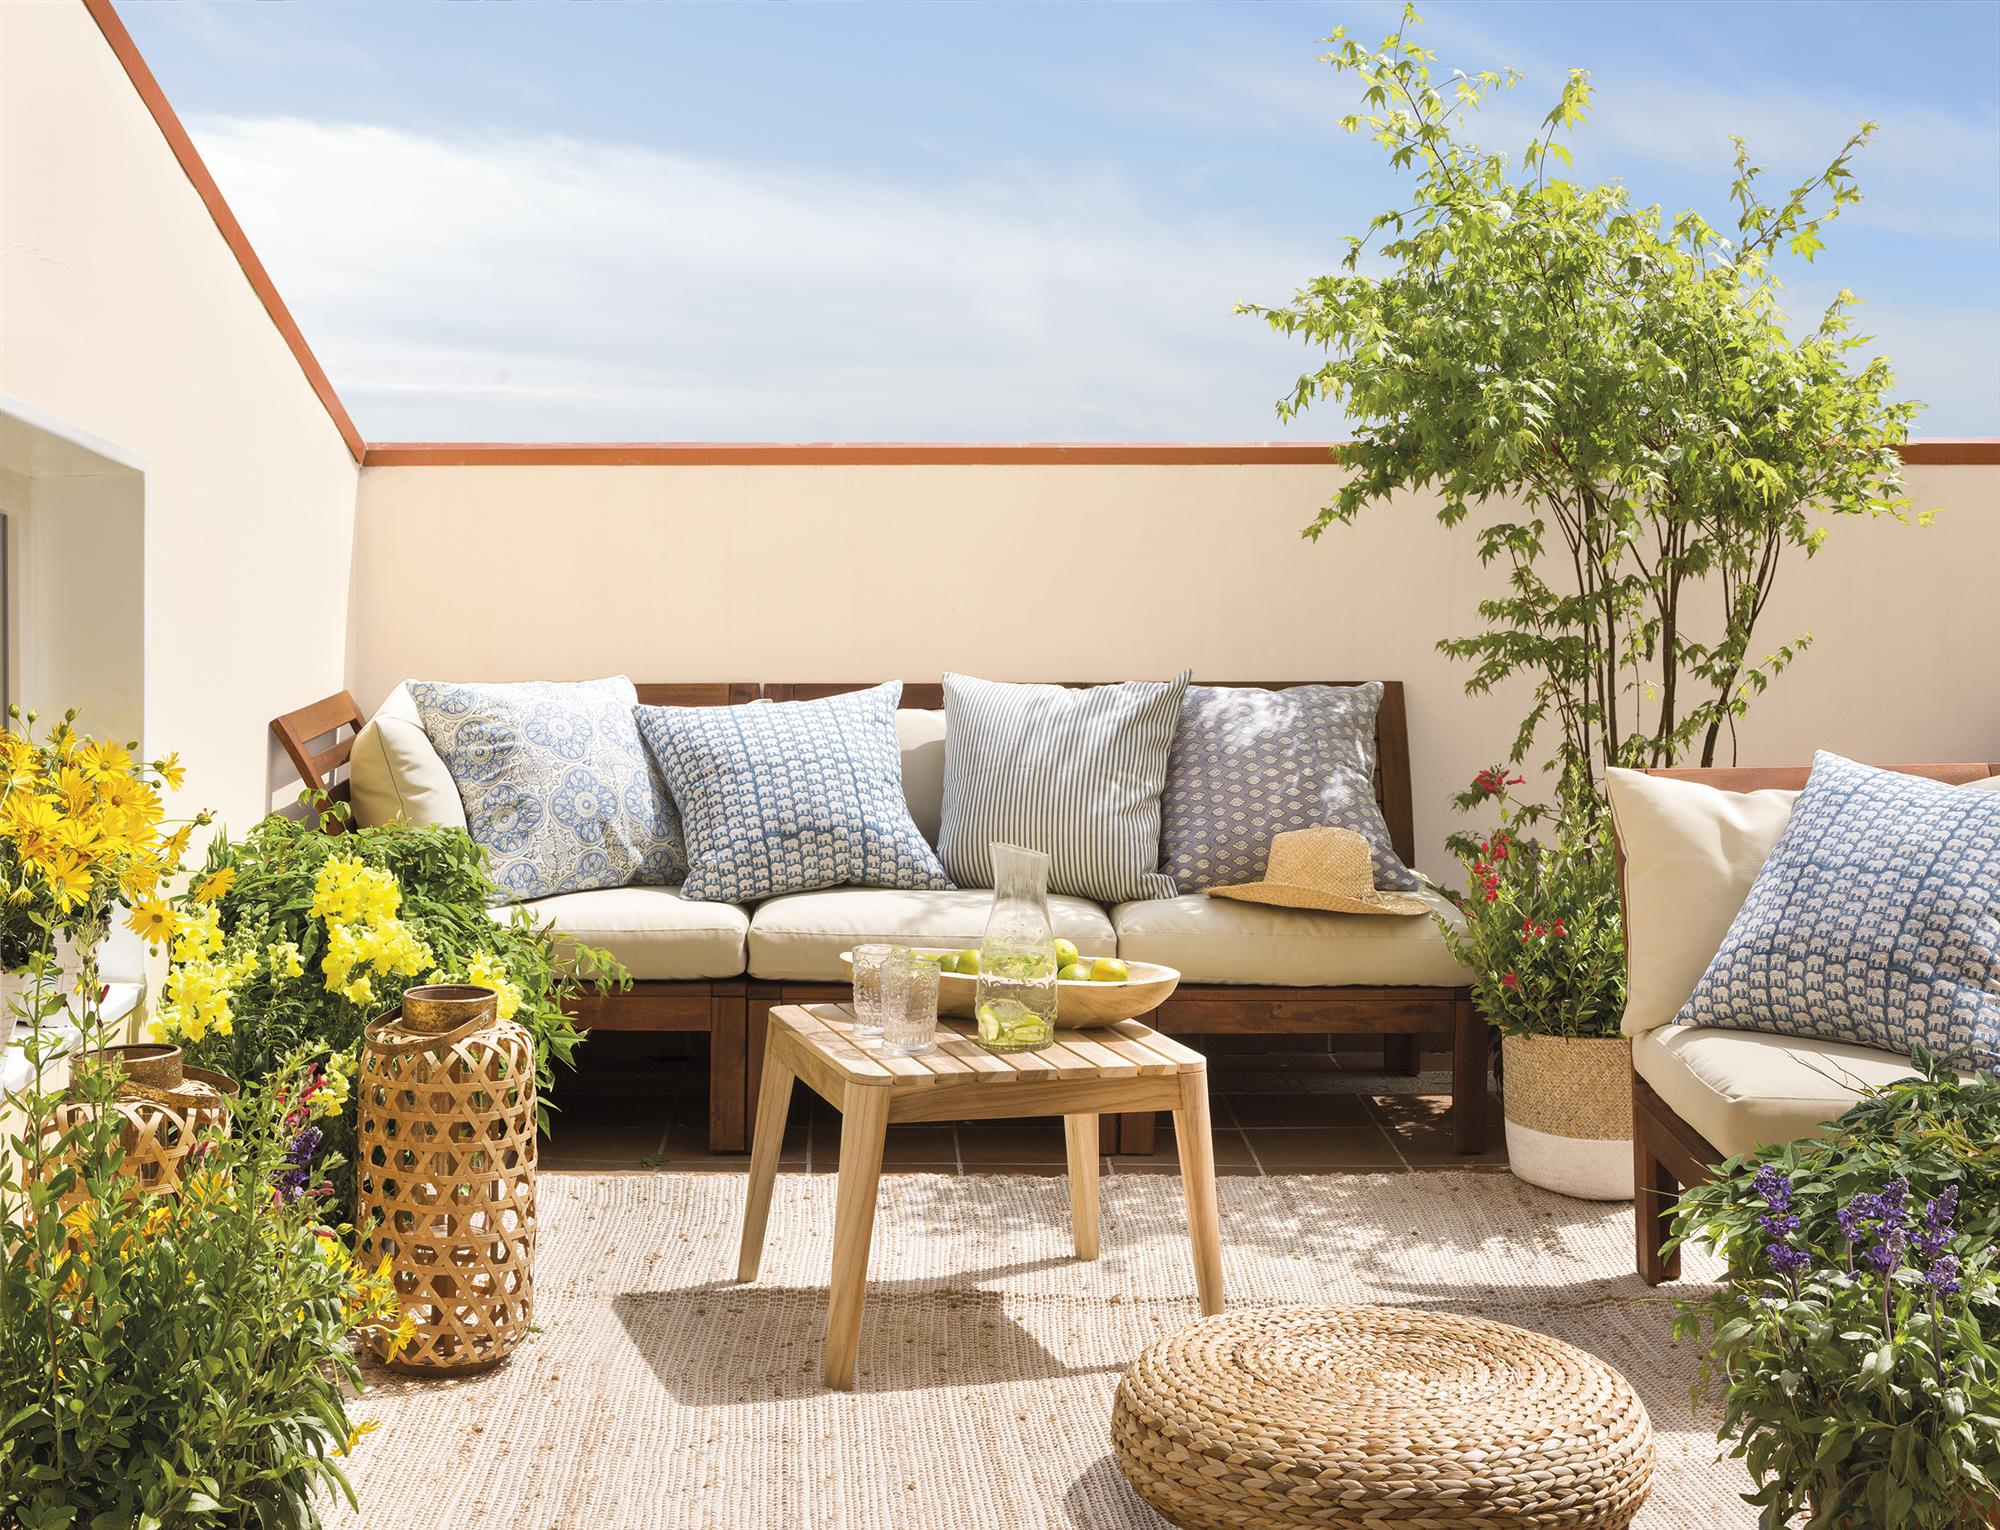 Terrazas Muebles Mesas E Ideas Para Tu Terraza El Mueble # Cojines Muebles Terraza